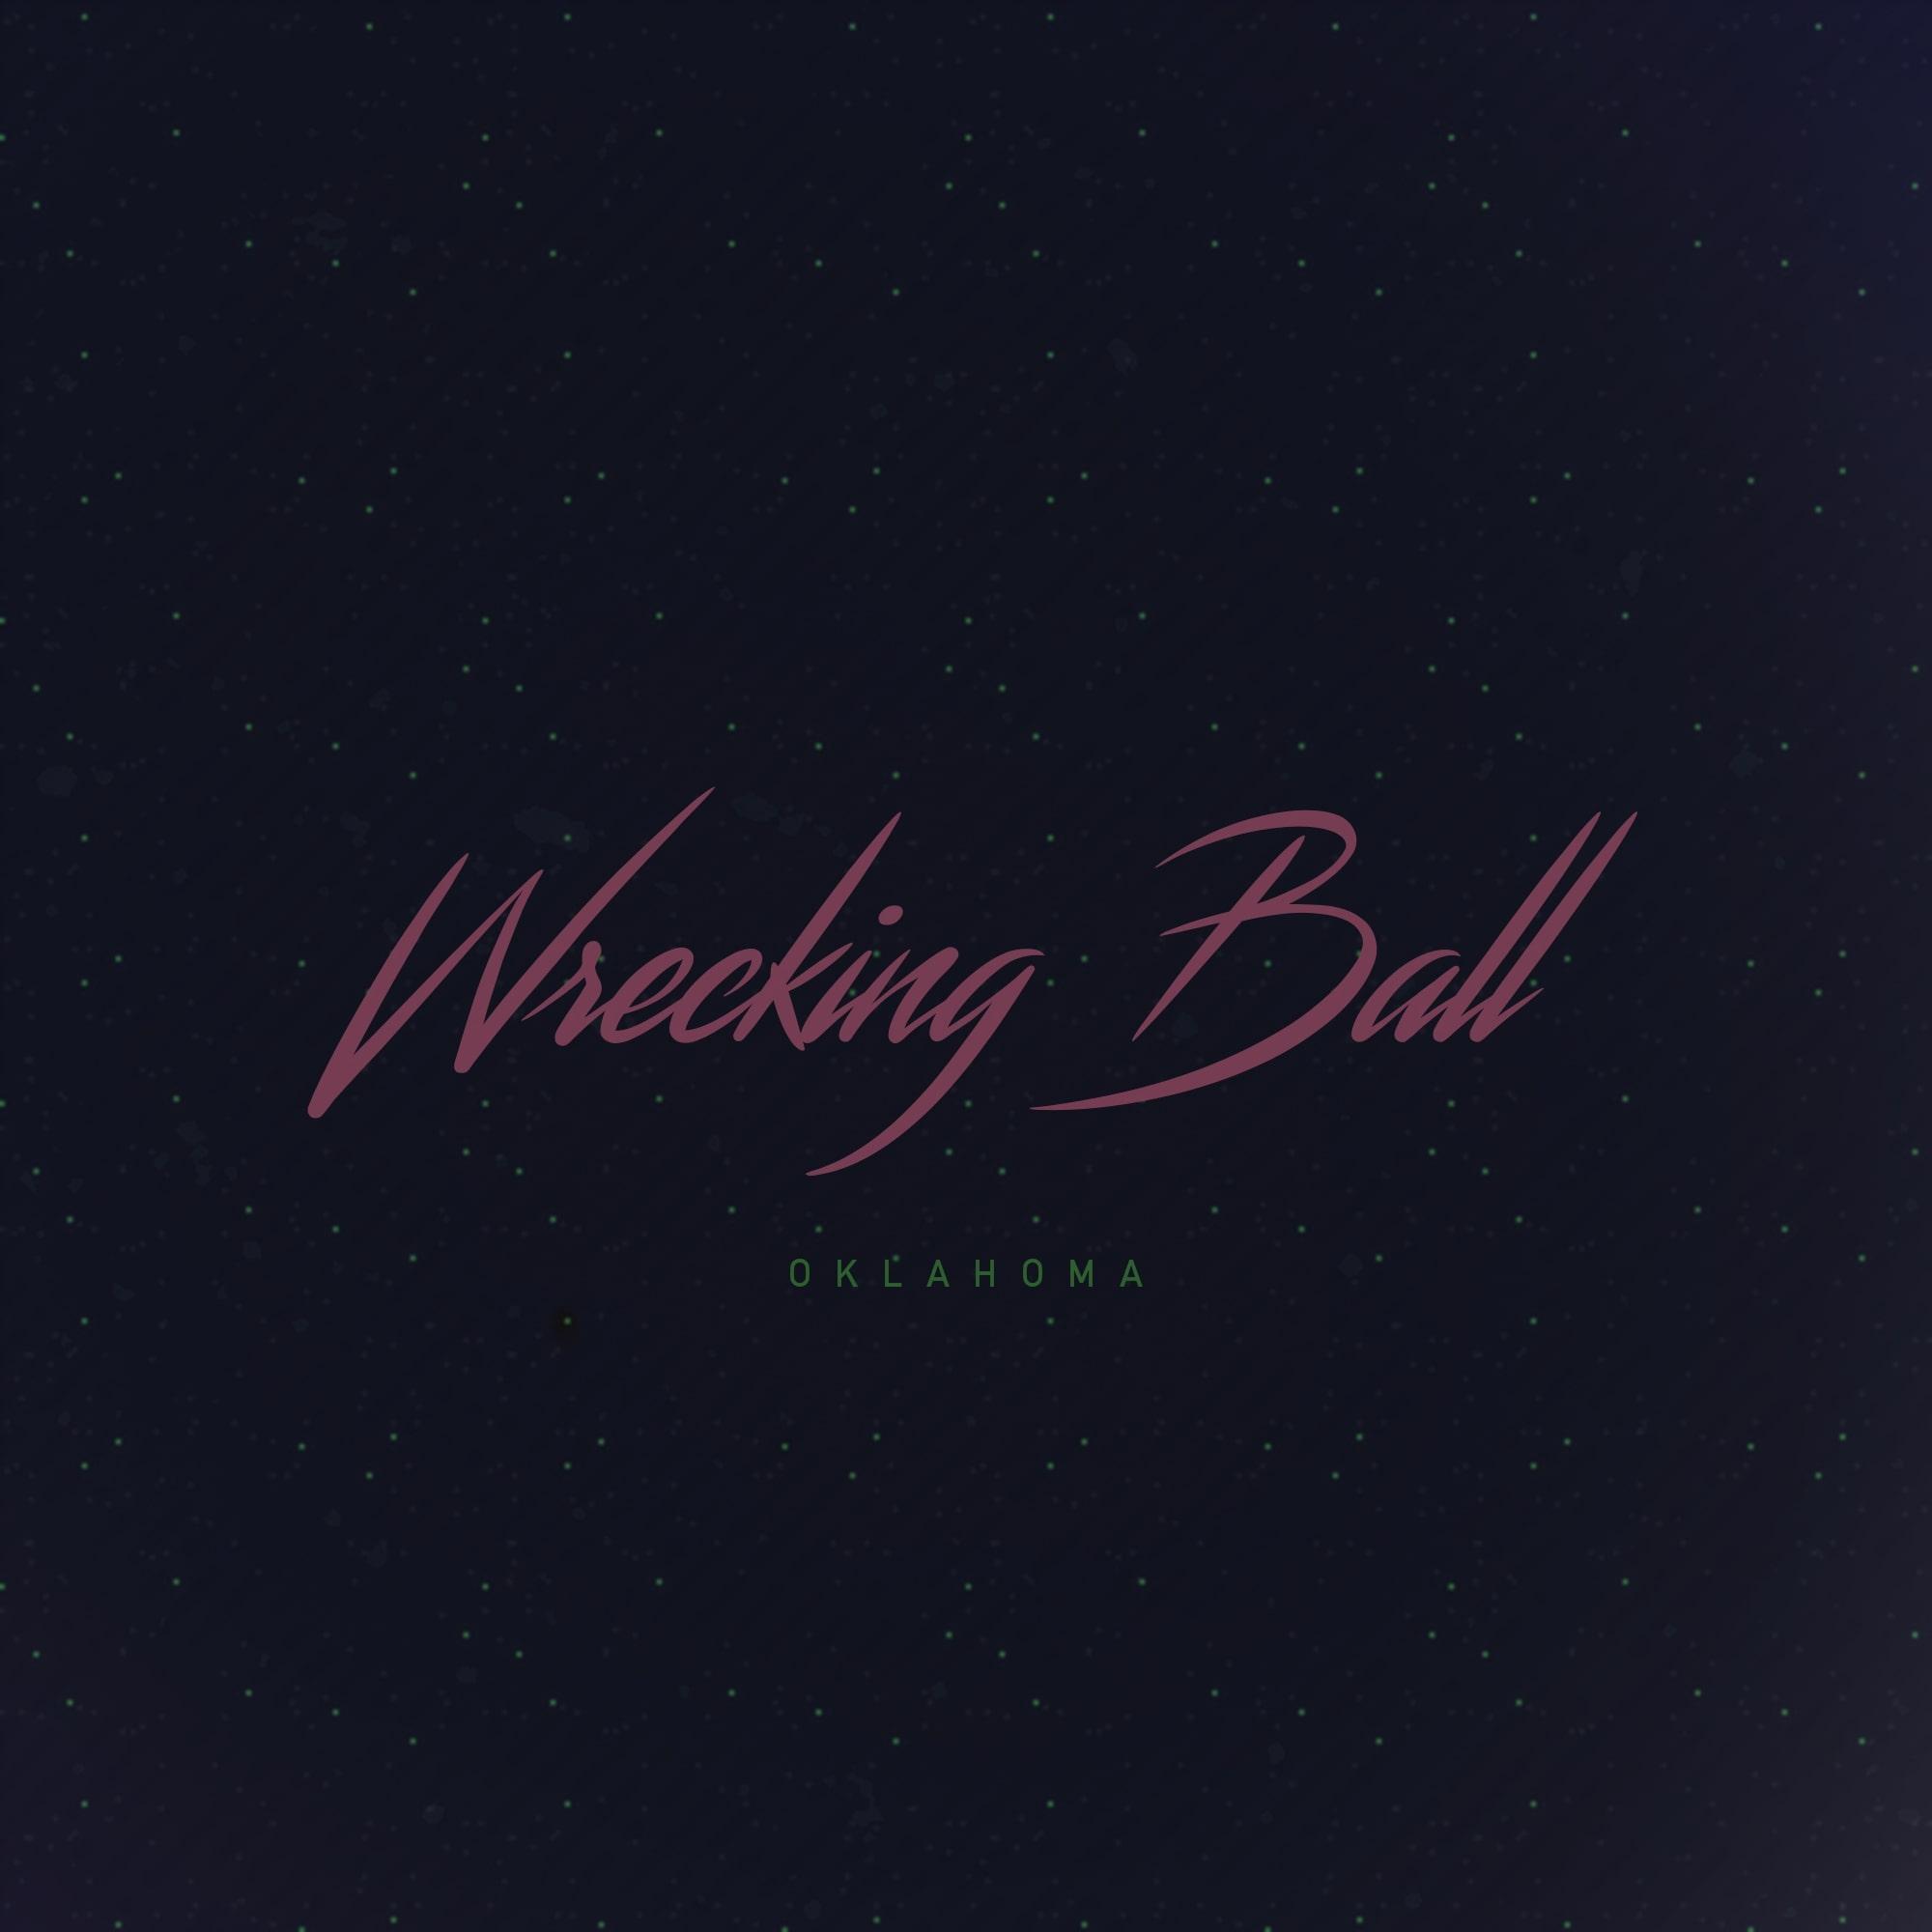 wrecking ball hi res jpg.jpg